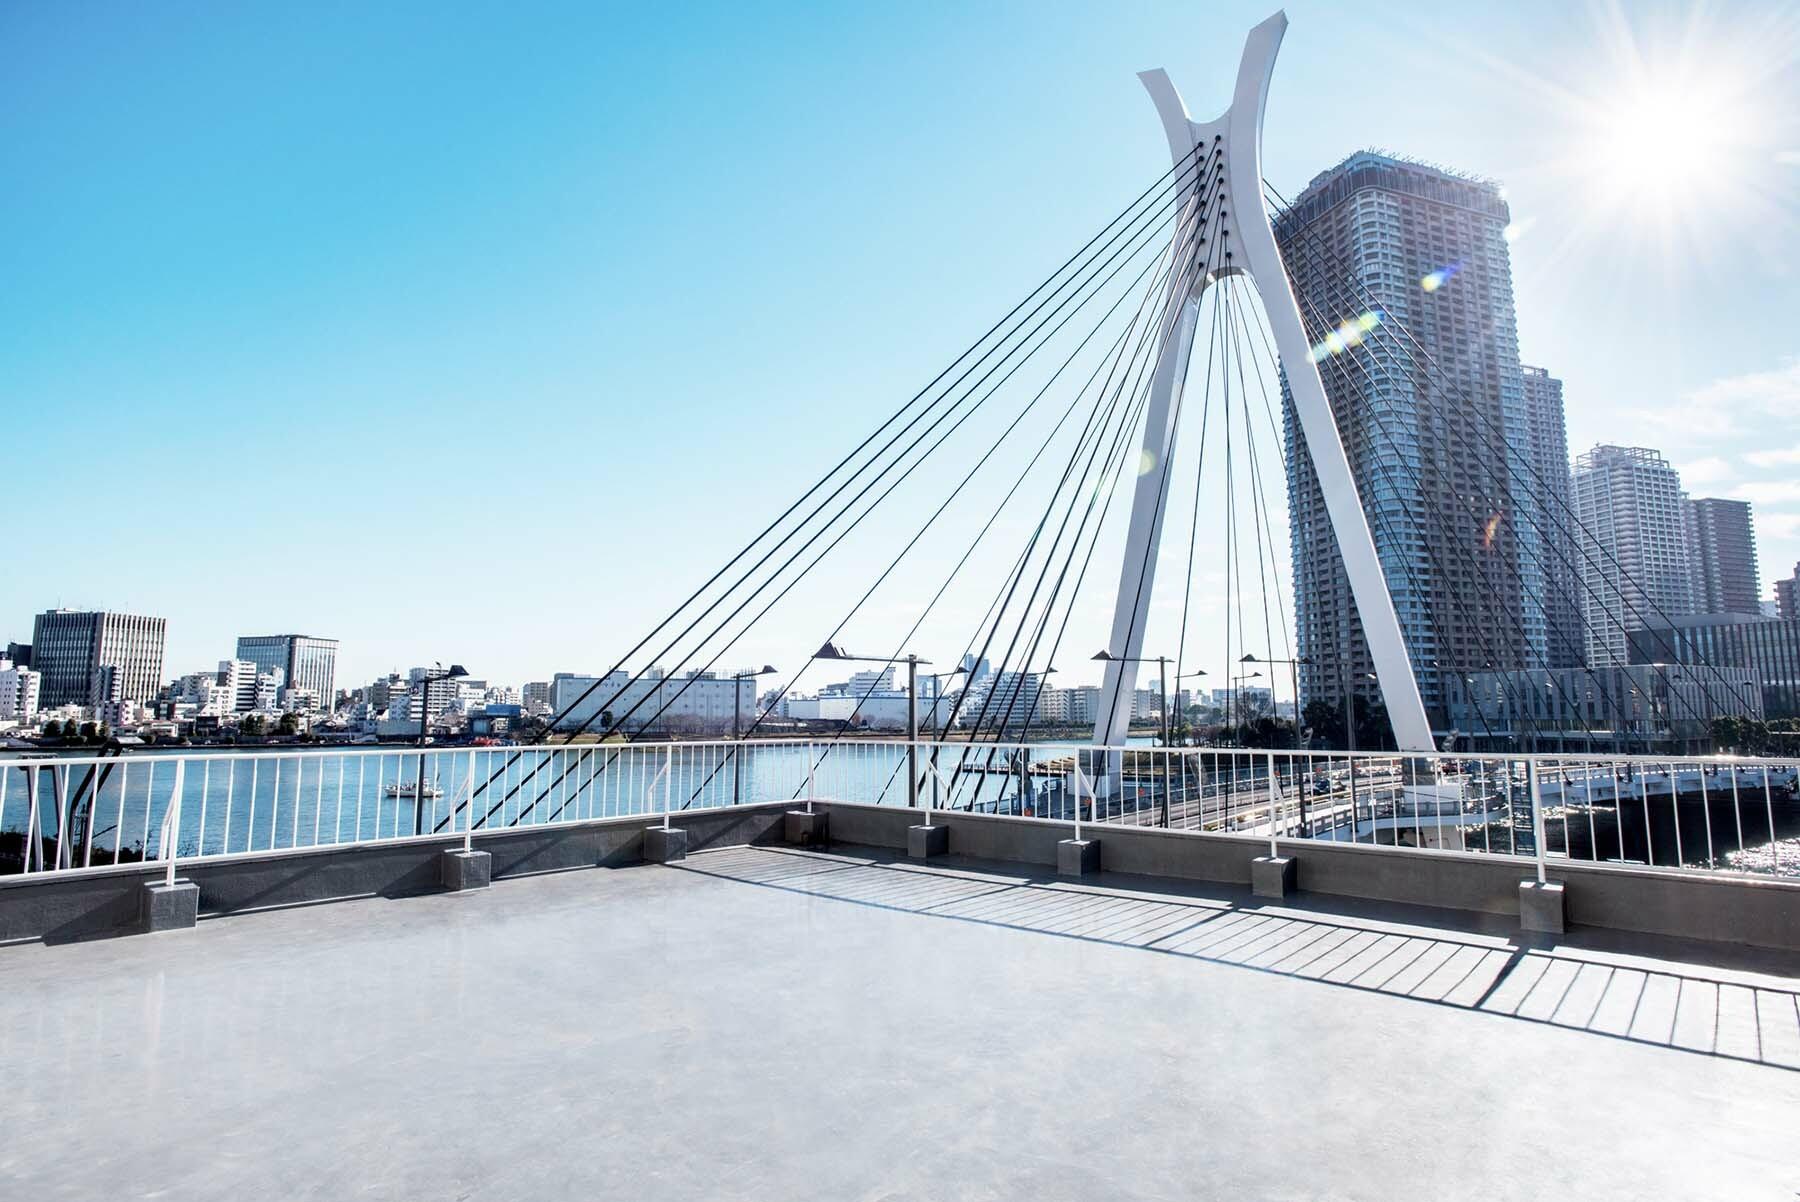 StudioBRICK 1F (スタジオブリック八丁堀1F)移動壁(無料)あります